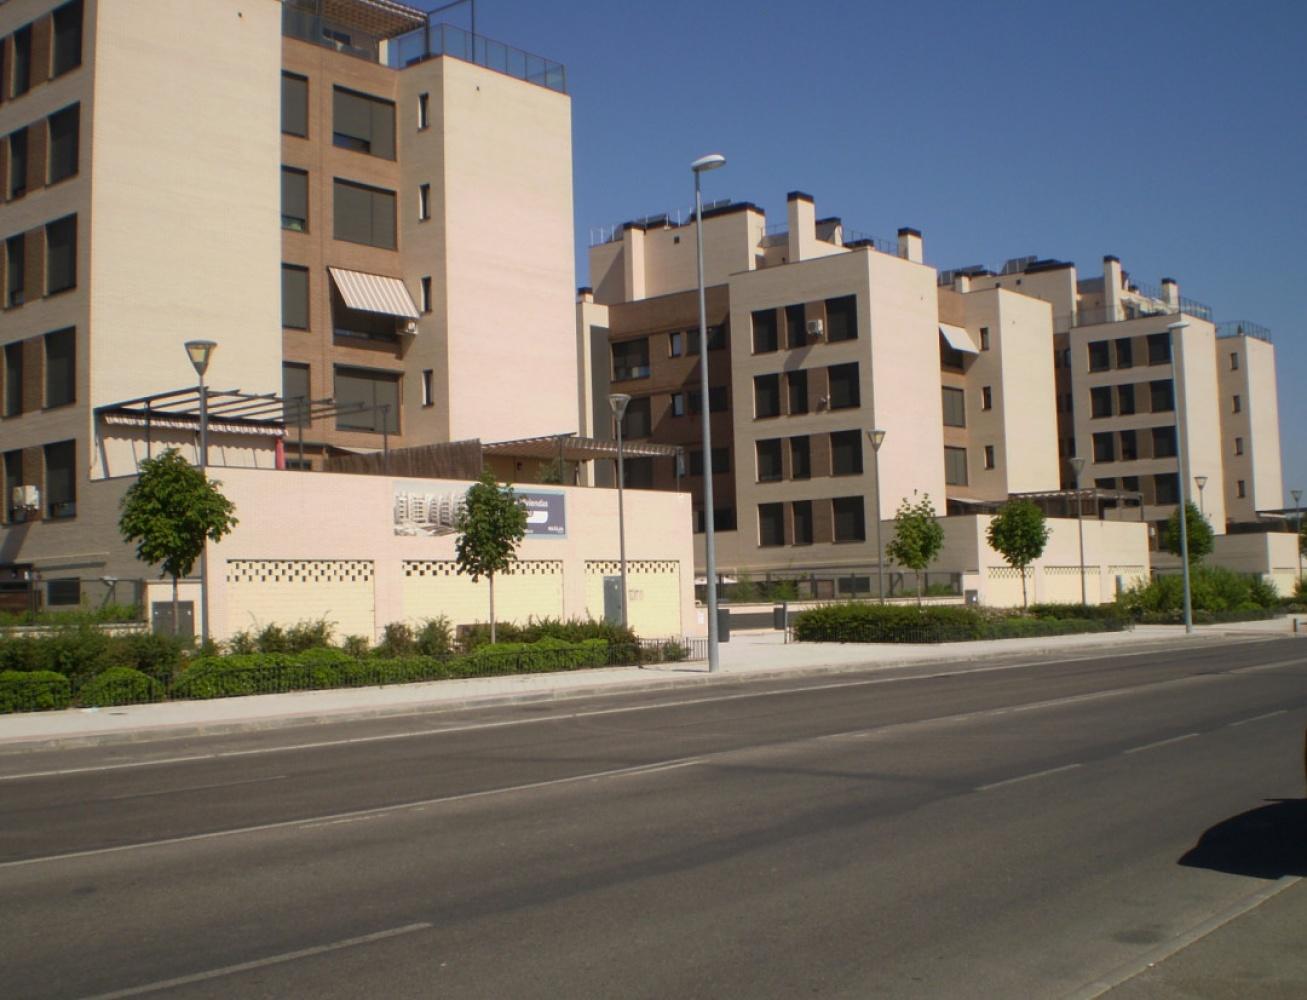 Jardin del vivero fase i vppl viviendas en venta en for Vivero fuenlabrada